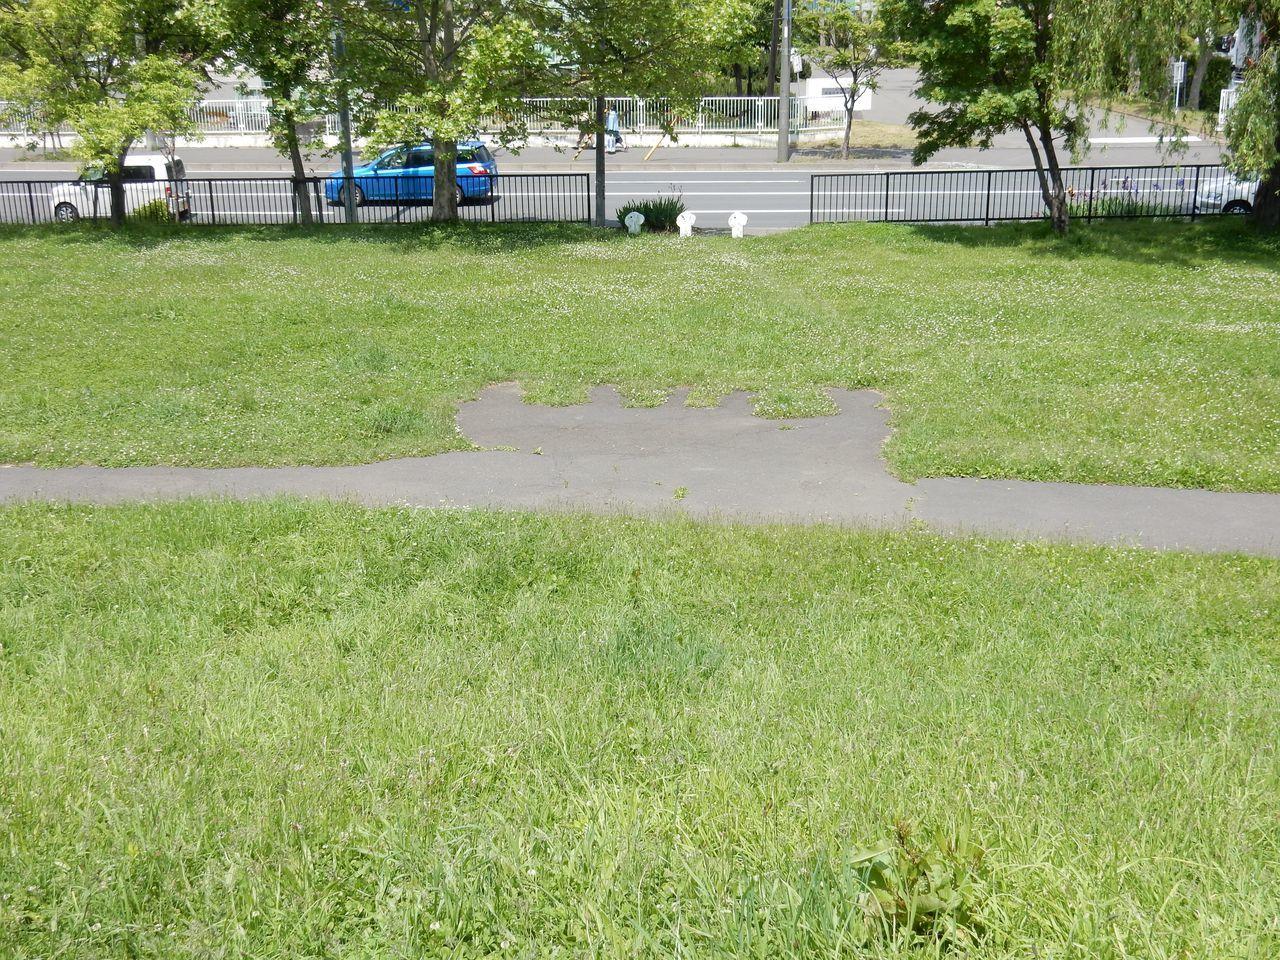 公園ランニングコースの不思議な構造_c0025115_21270429.jpg